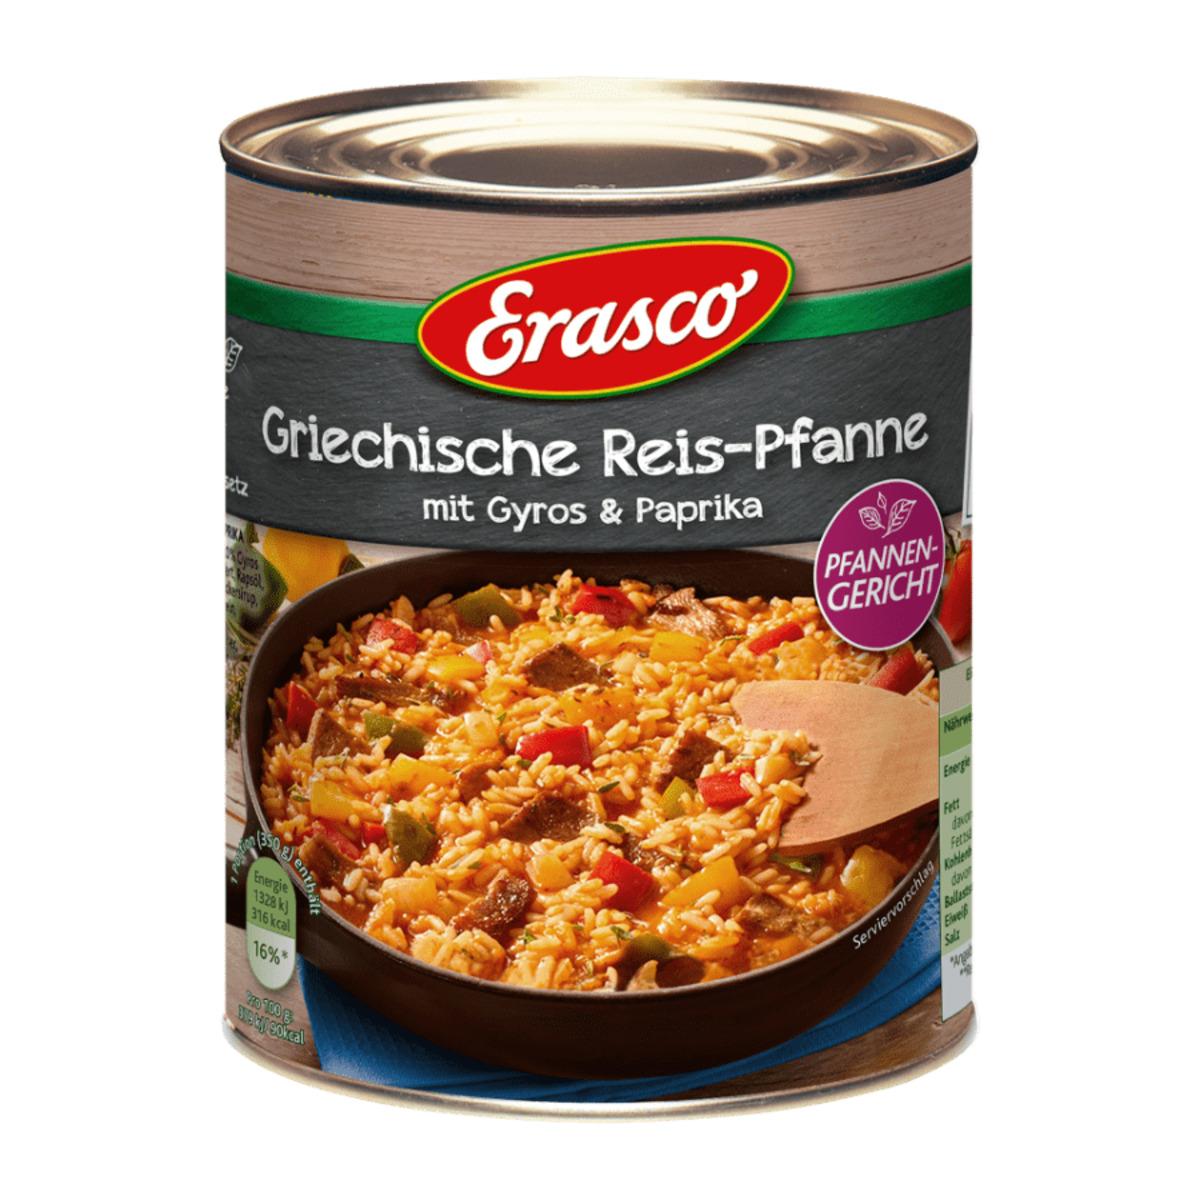 Bild 2 von Erasco Pfannengericht